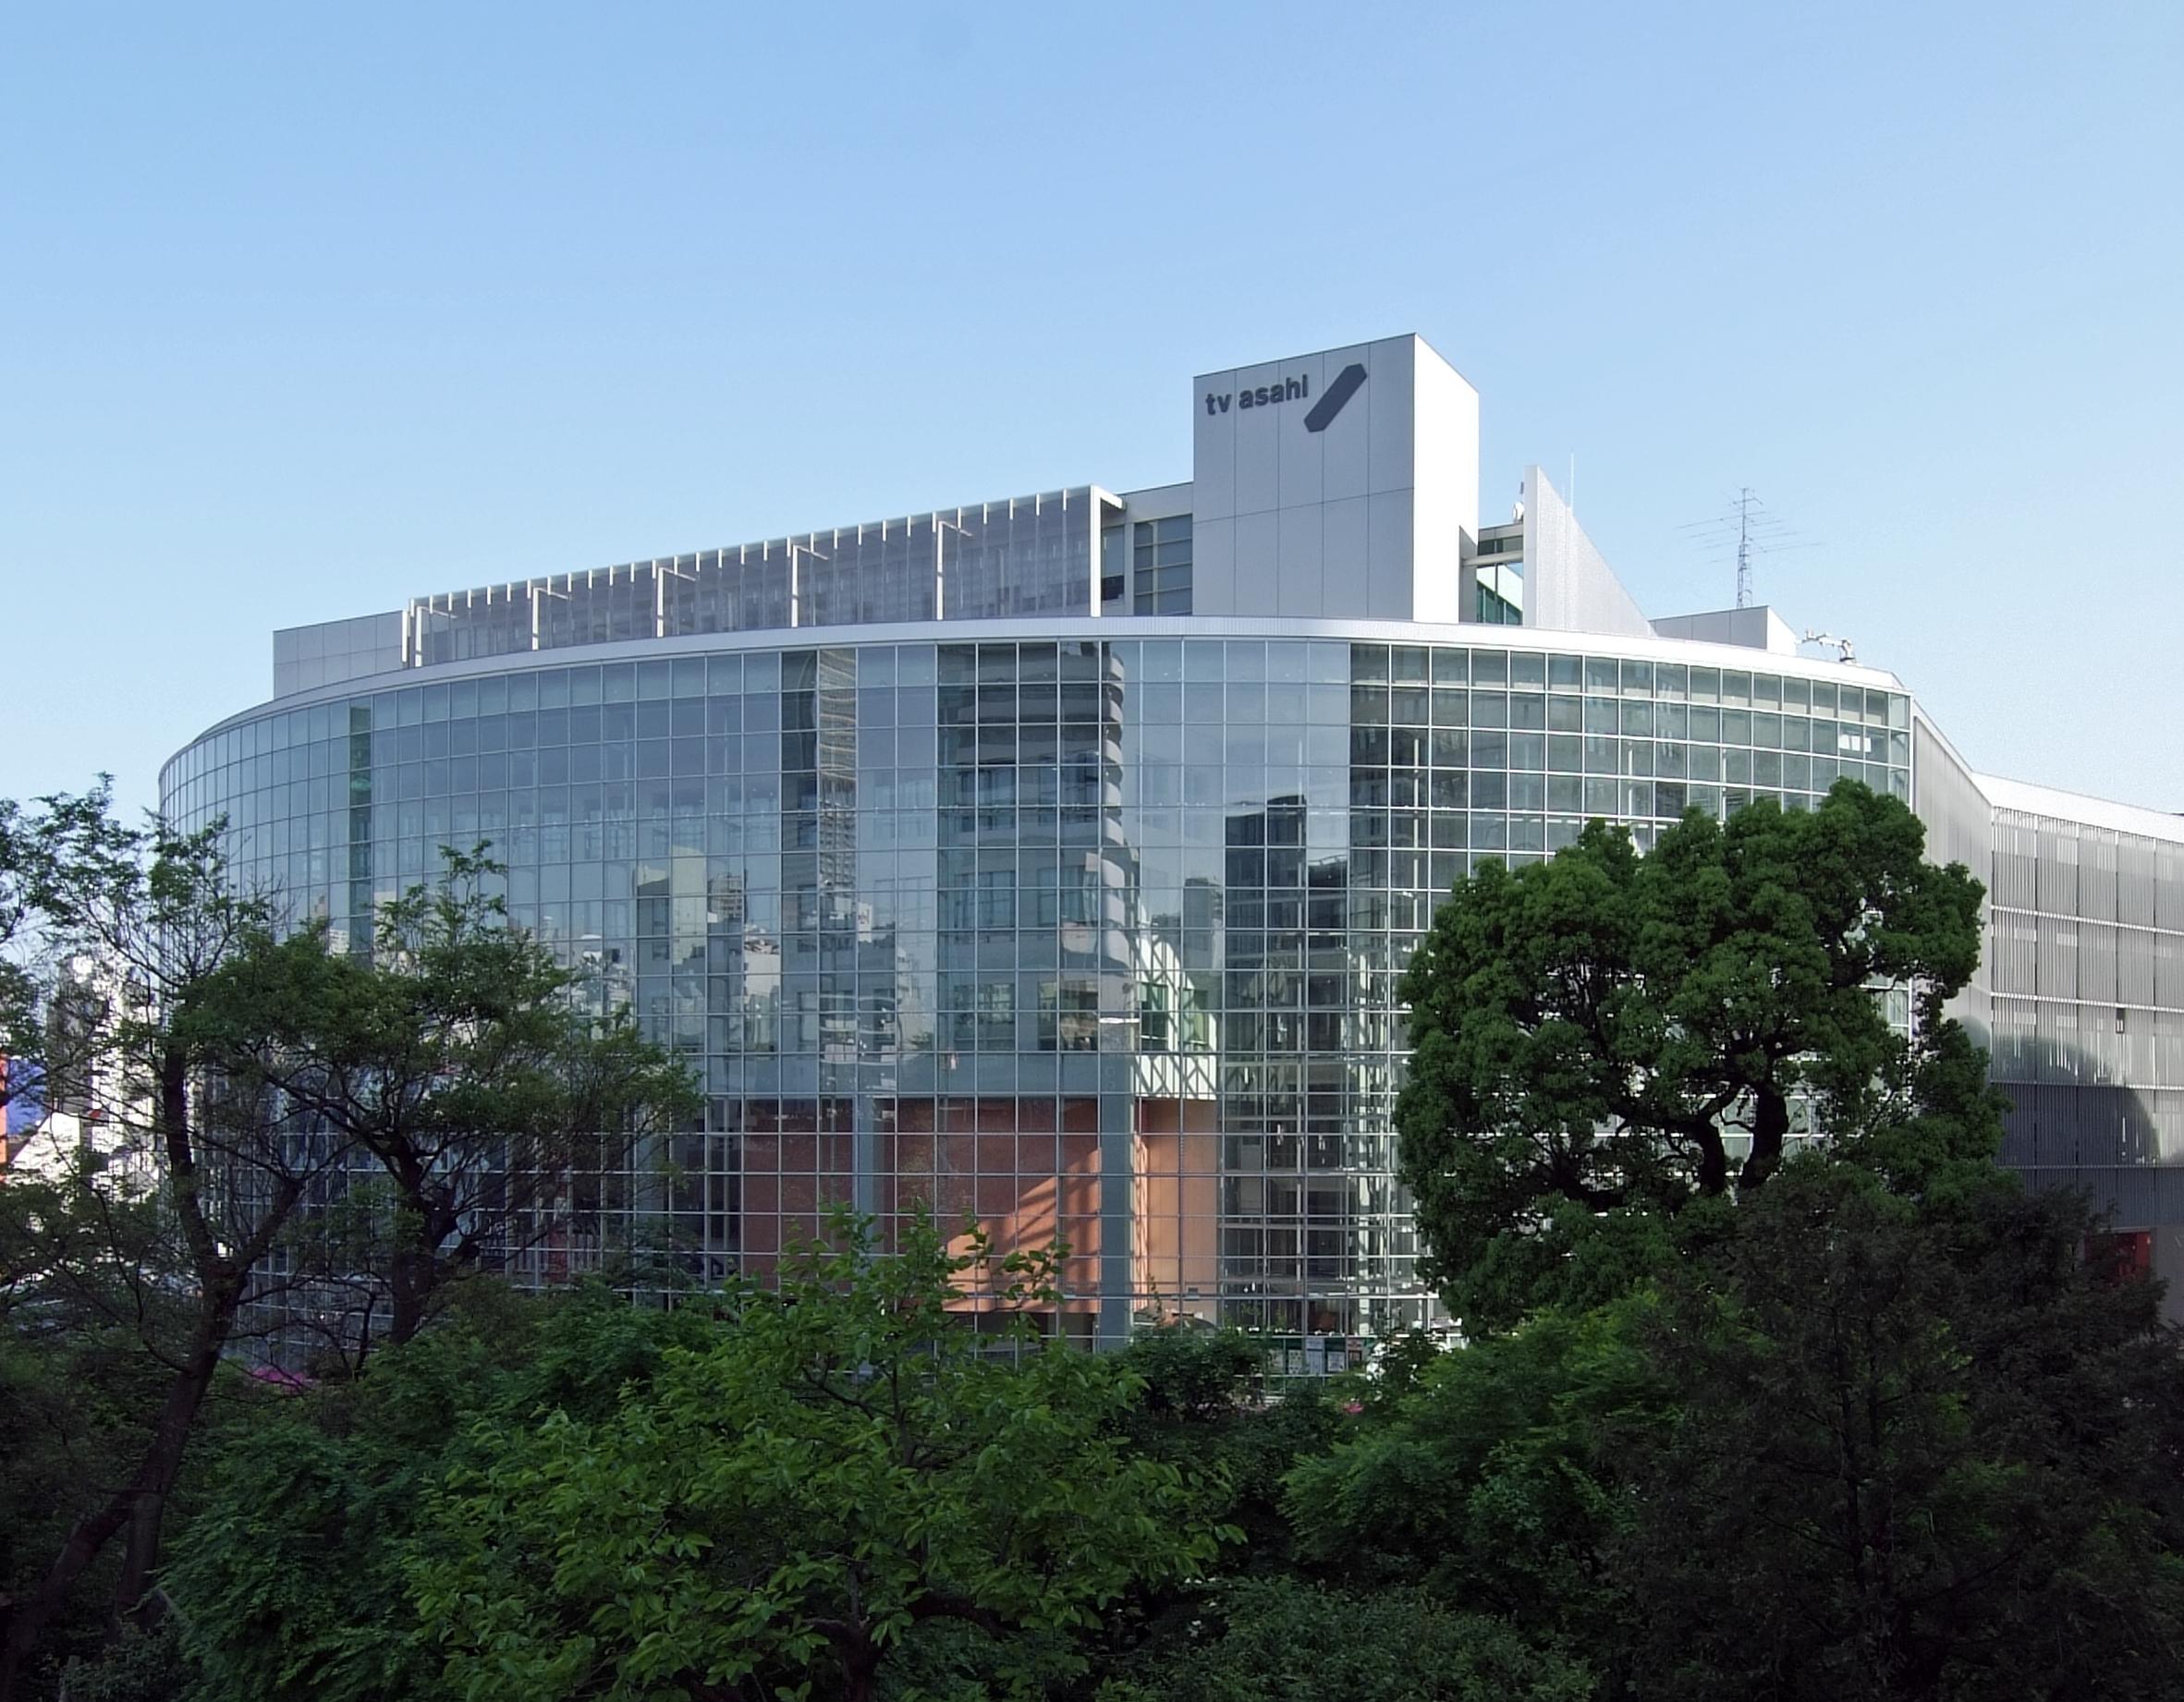 渡辺謙 Wikipedia: テレビ朝日